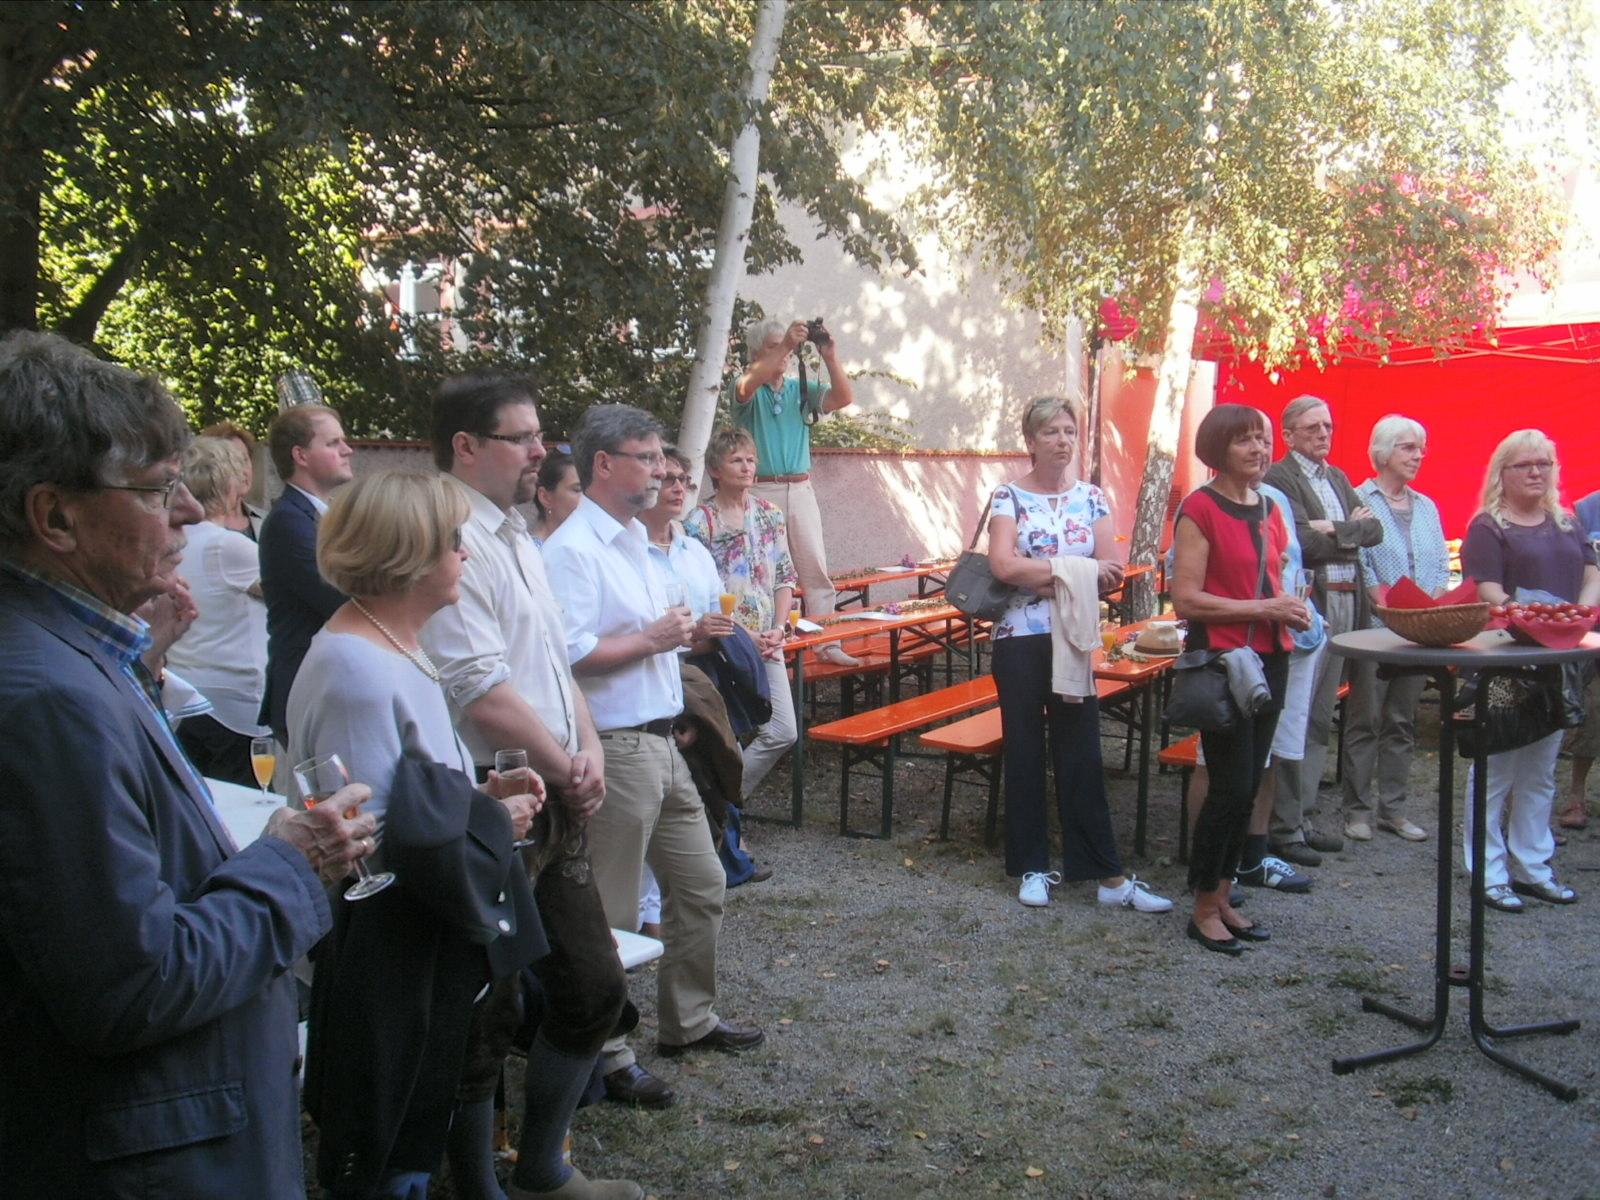 """Vernissage der Sommerausstellung """"ocker-umbra-siena"""" im Weinhof des Kunstquartiers."""